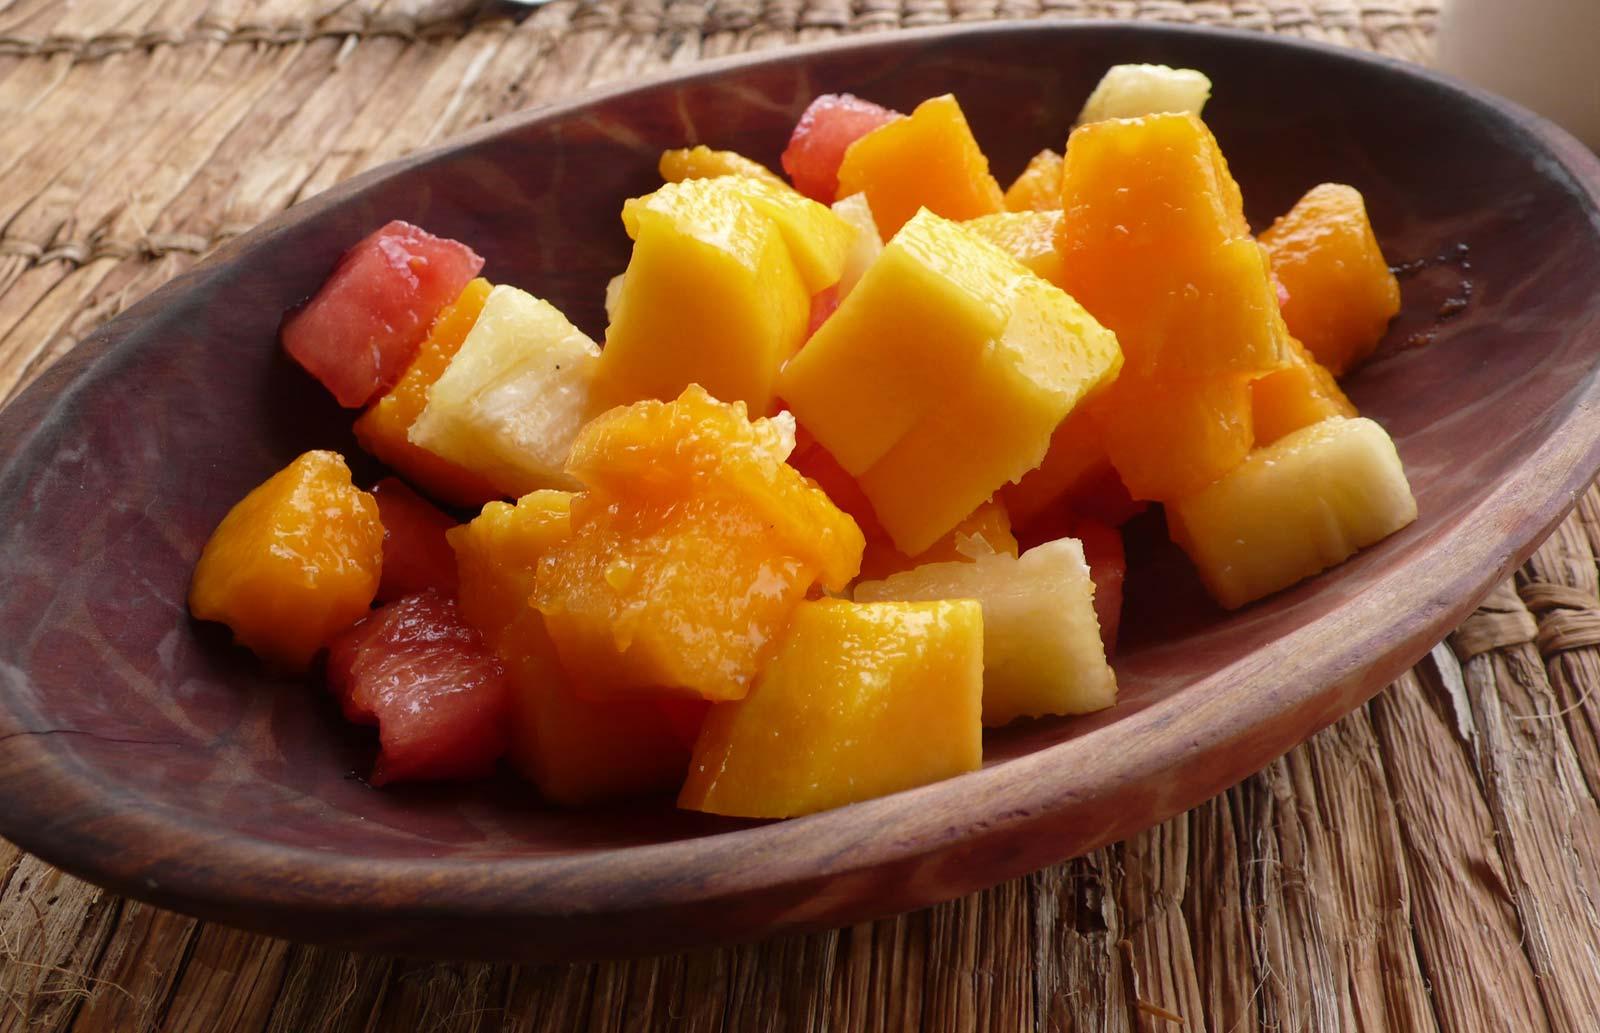 Afrikanischer Fruchtsalat